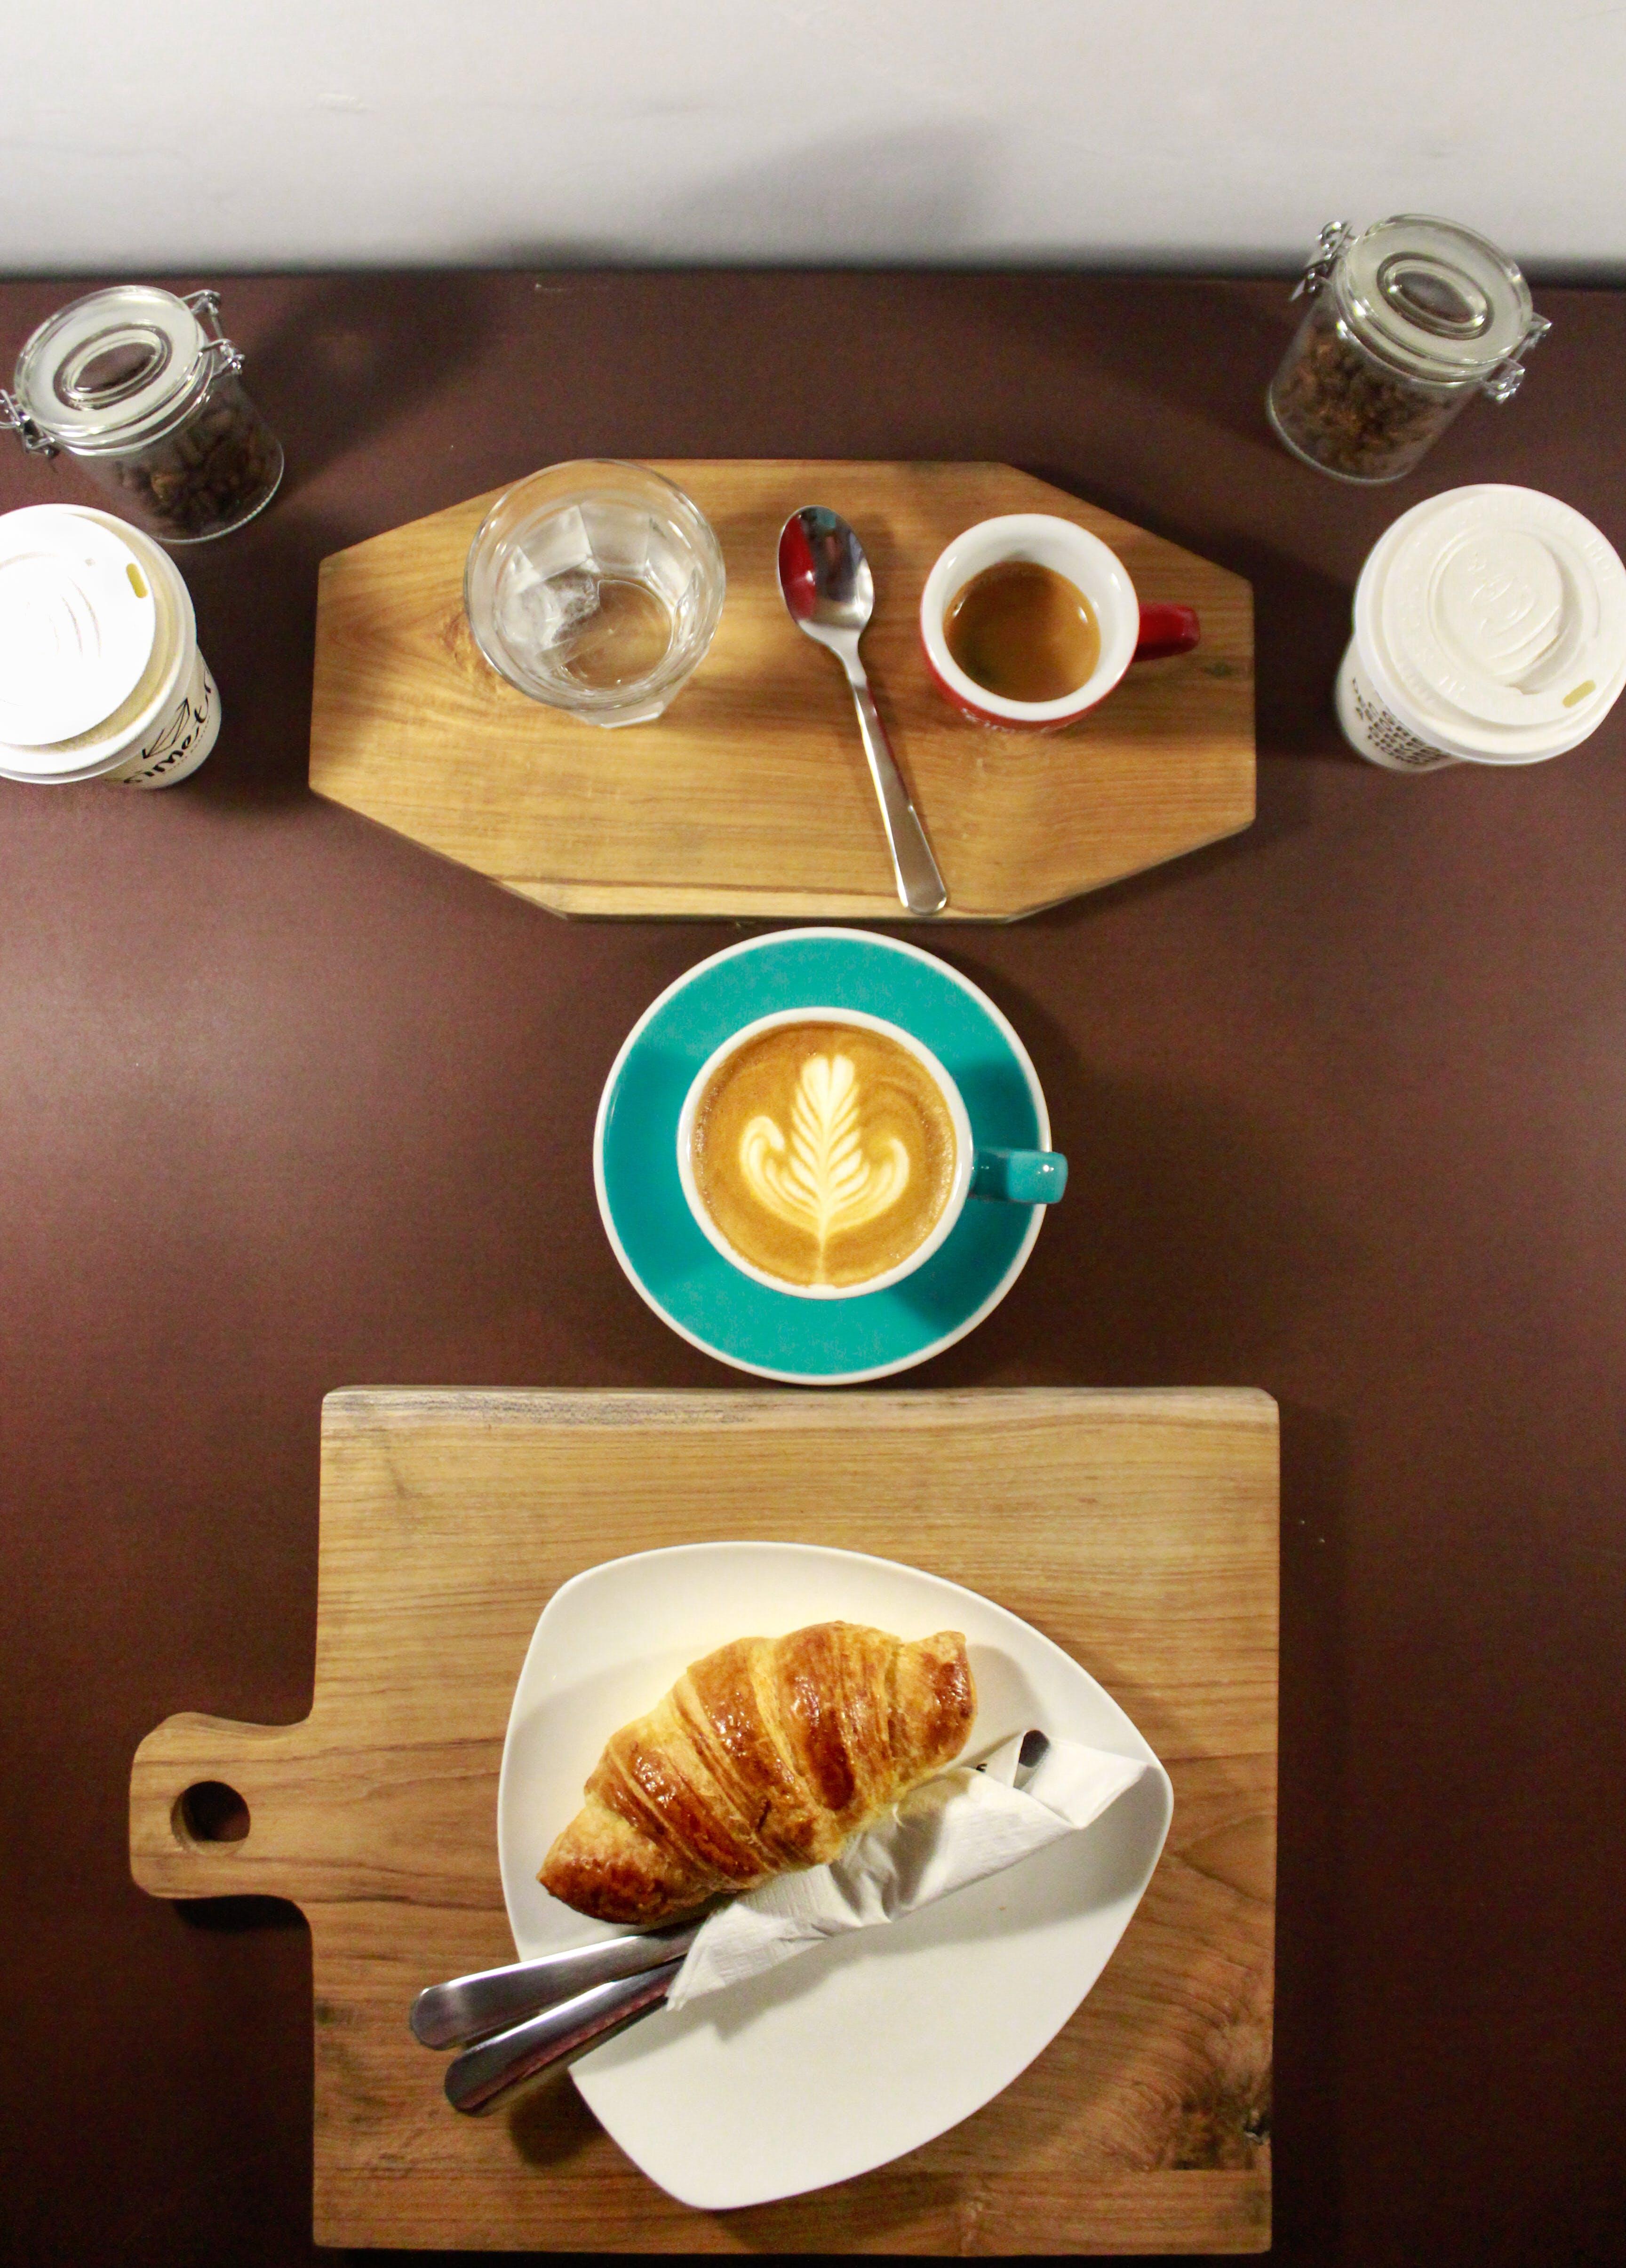 คลังภาพถ่ายฟรี ของ กระจก, การถ่ายภาพอาหาร, กาแฟ, กาแฟในถ้วย